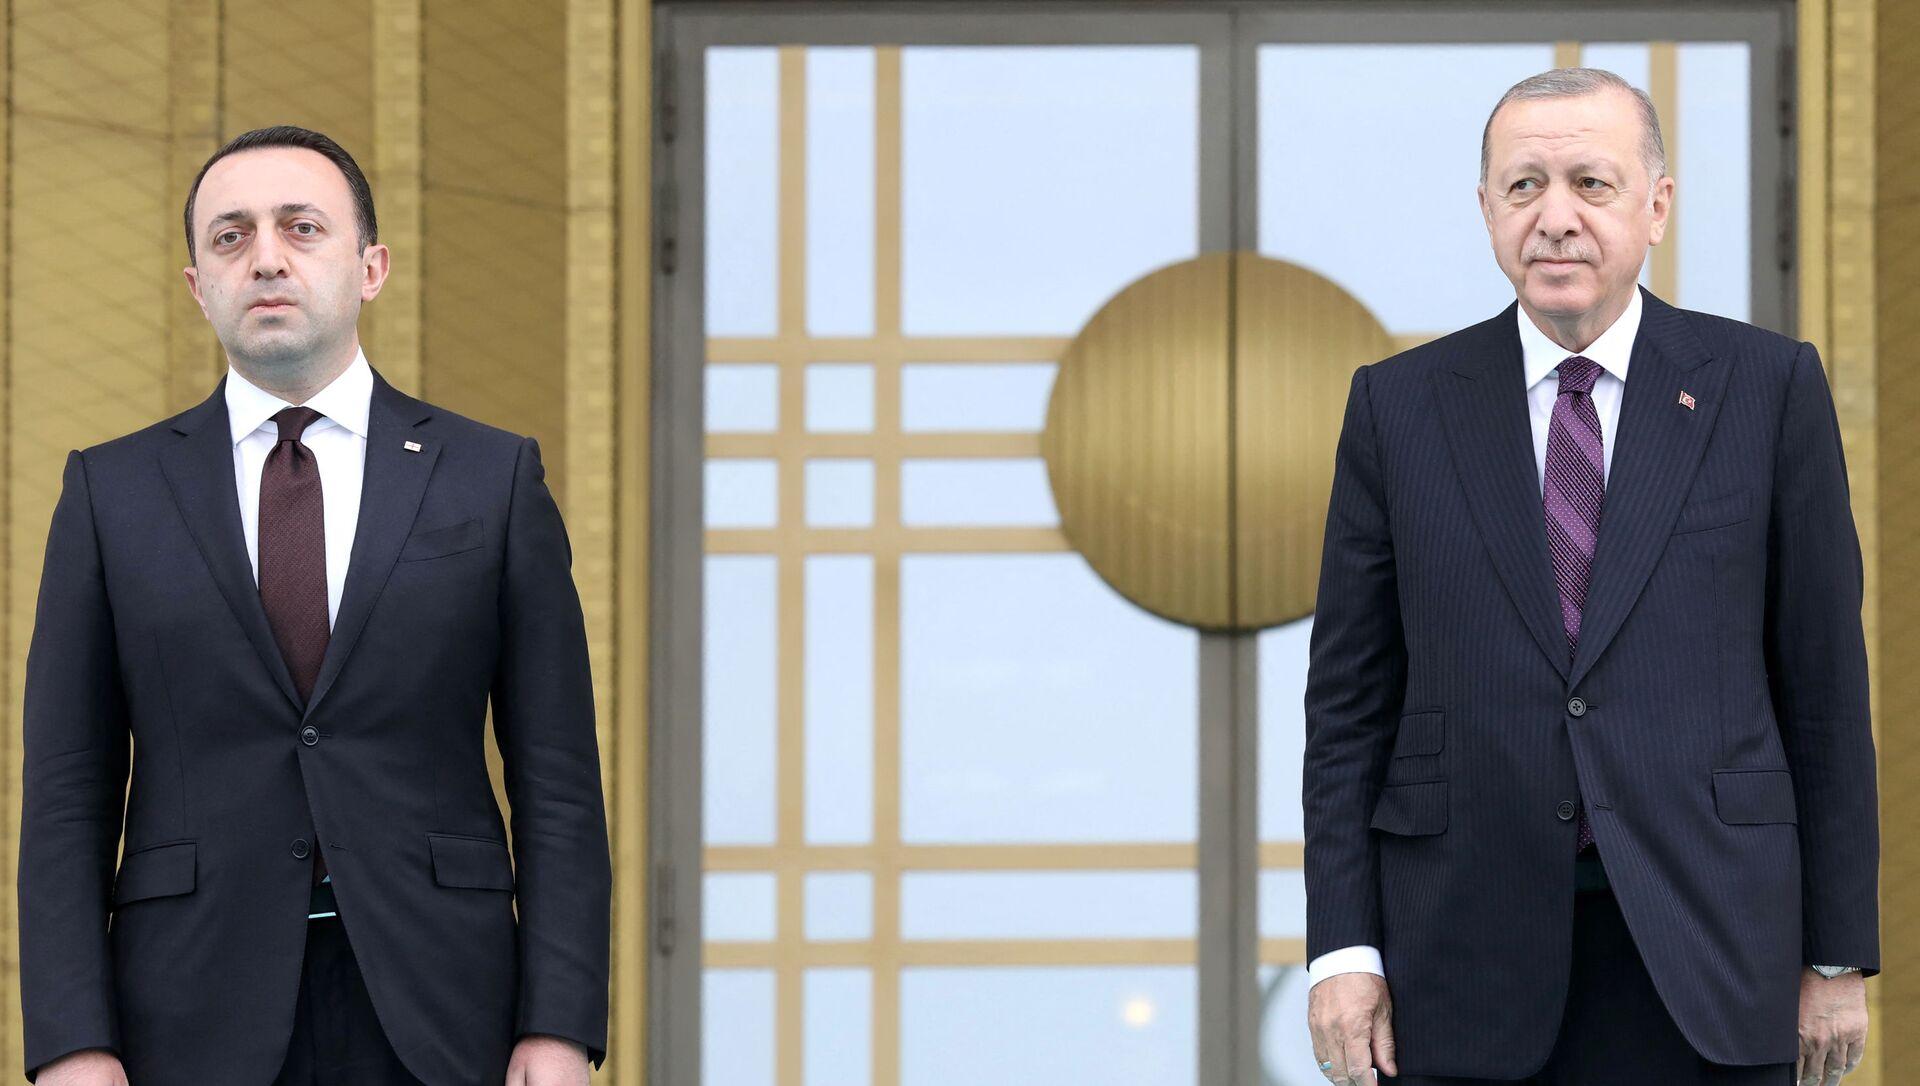 ირაკლი ღარიბაშვილი და რეჯეფ თაიიფ ერდოღანი - Sputnik საქართველო, 1920, 01.08.2021